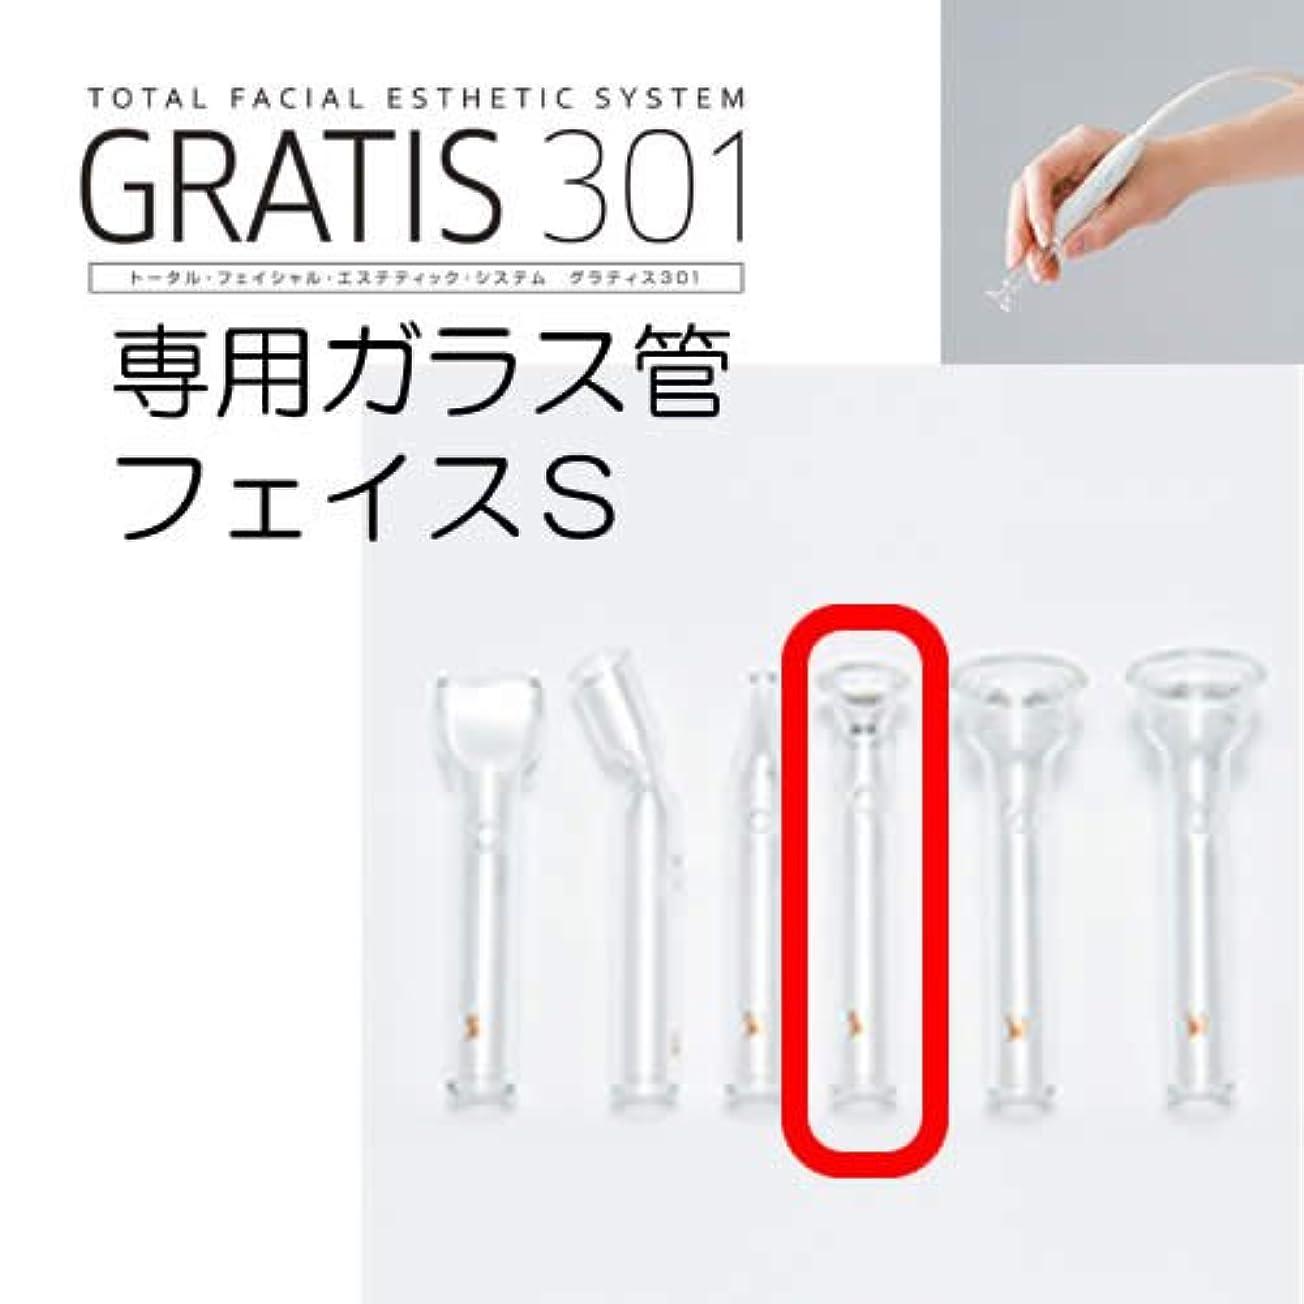 宇宙船発生器敏感なGRATIS 301(グラティス301)専用ガラス管 フェイスS(2本セット)